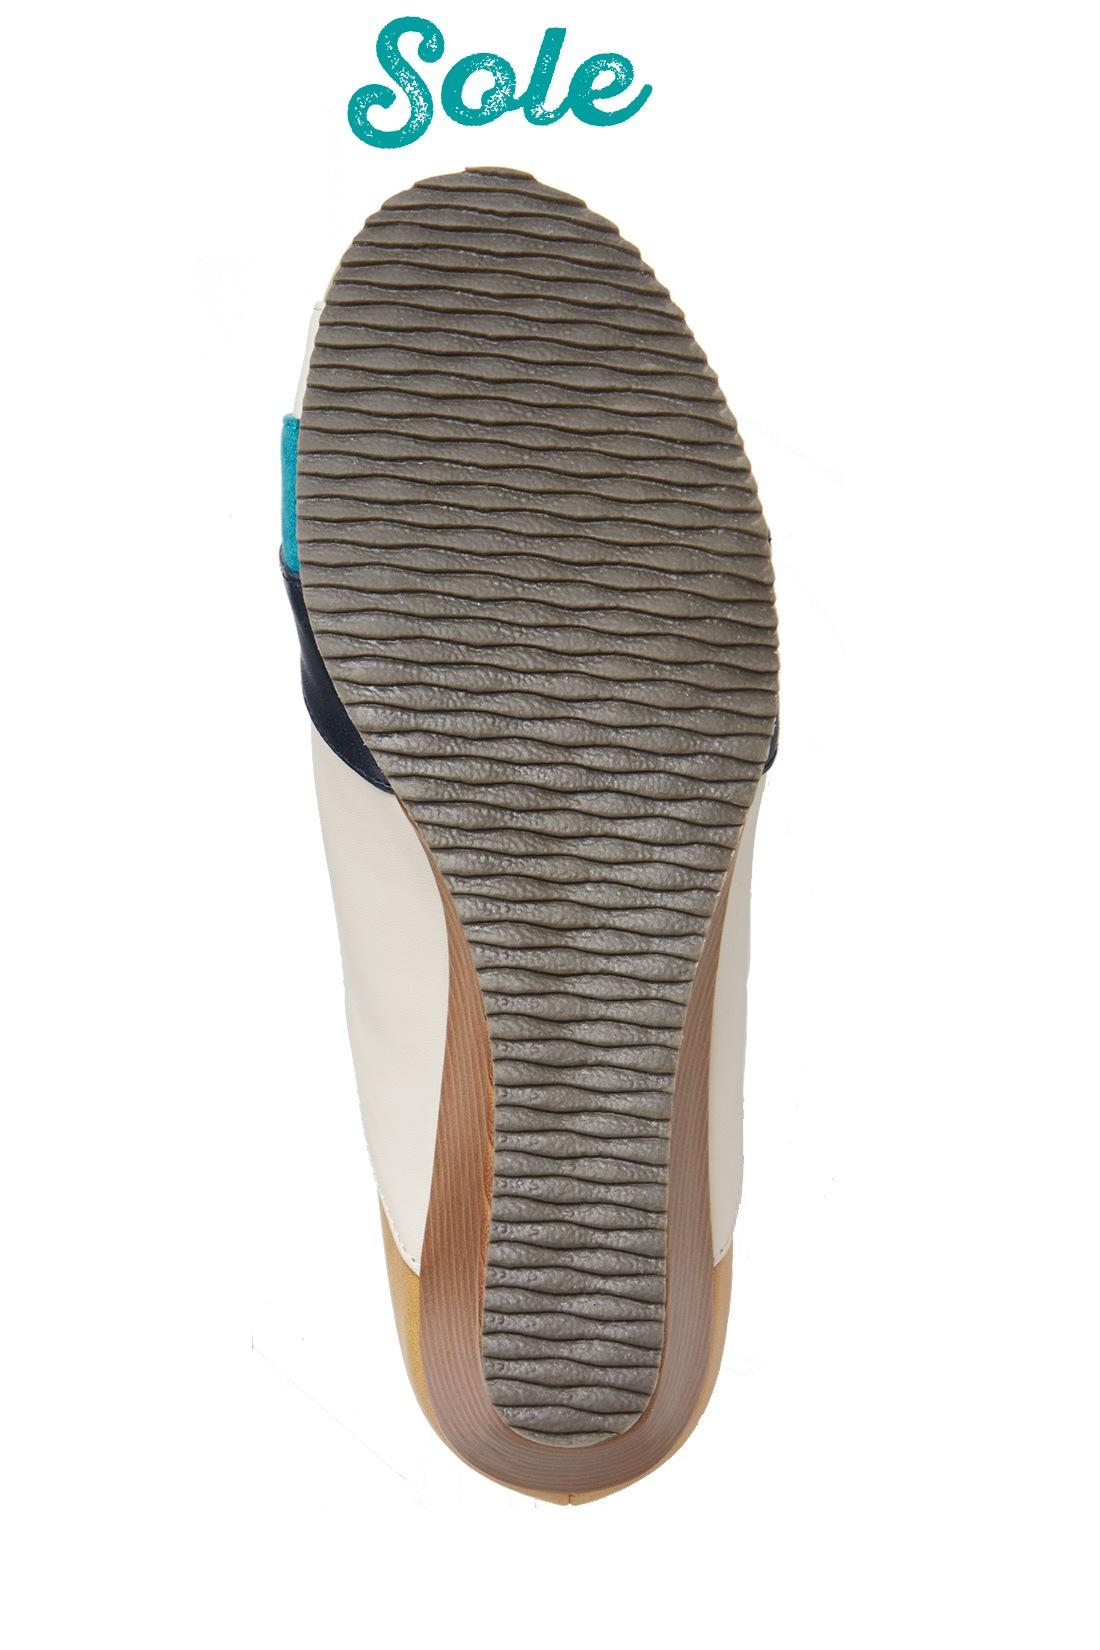 太幅のゴム底は不規則な波型の形状で滑りにくく、スニーカー級の安定感。